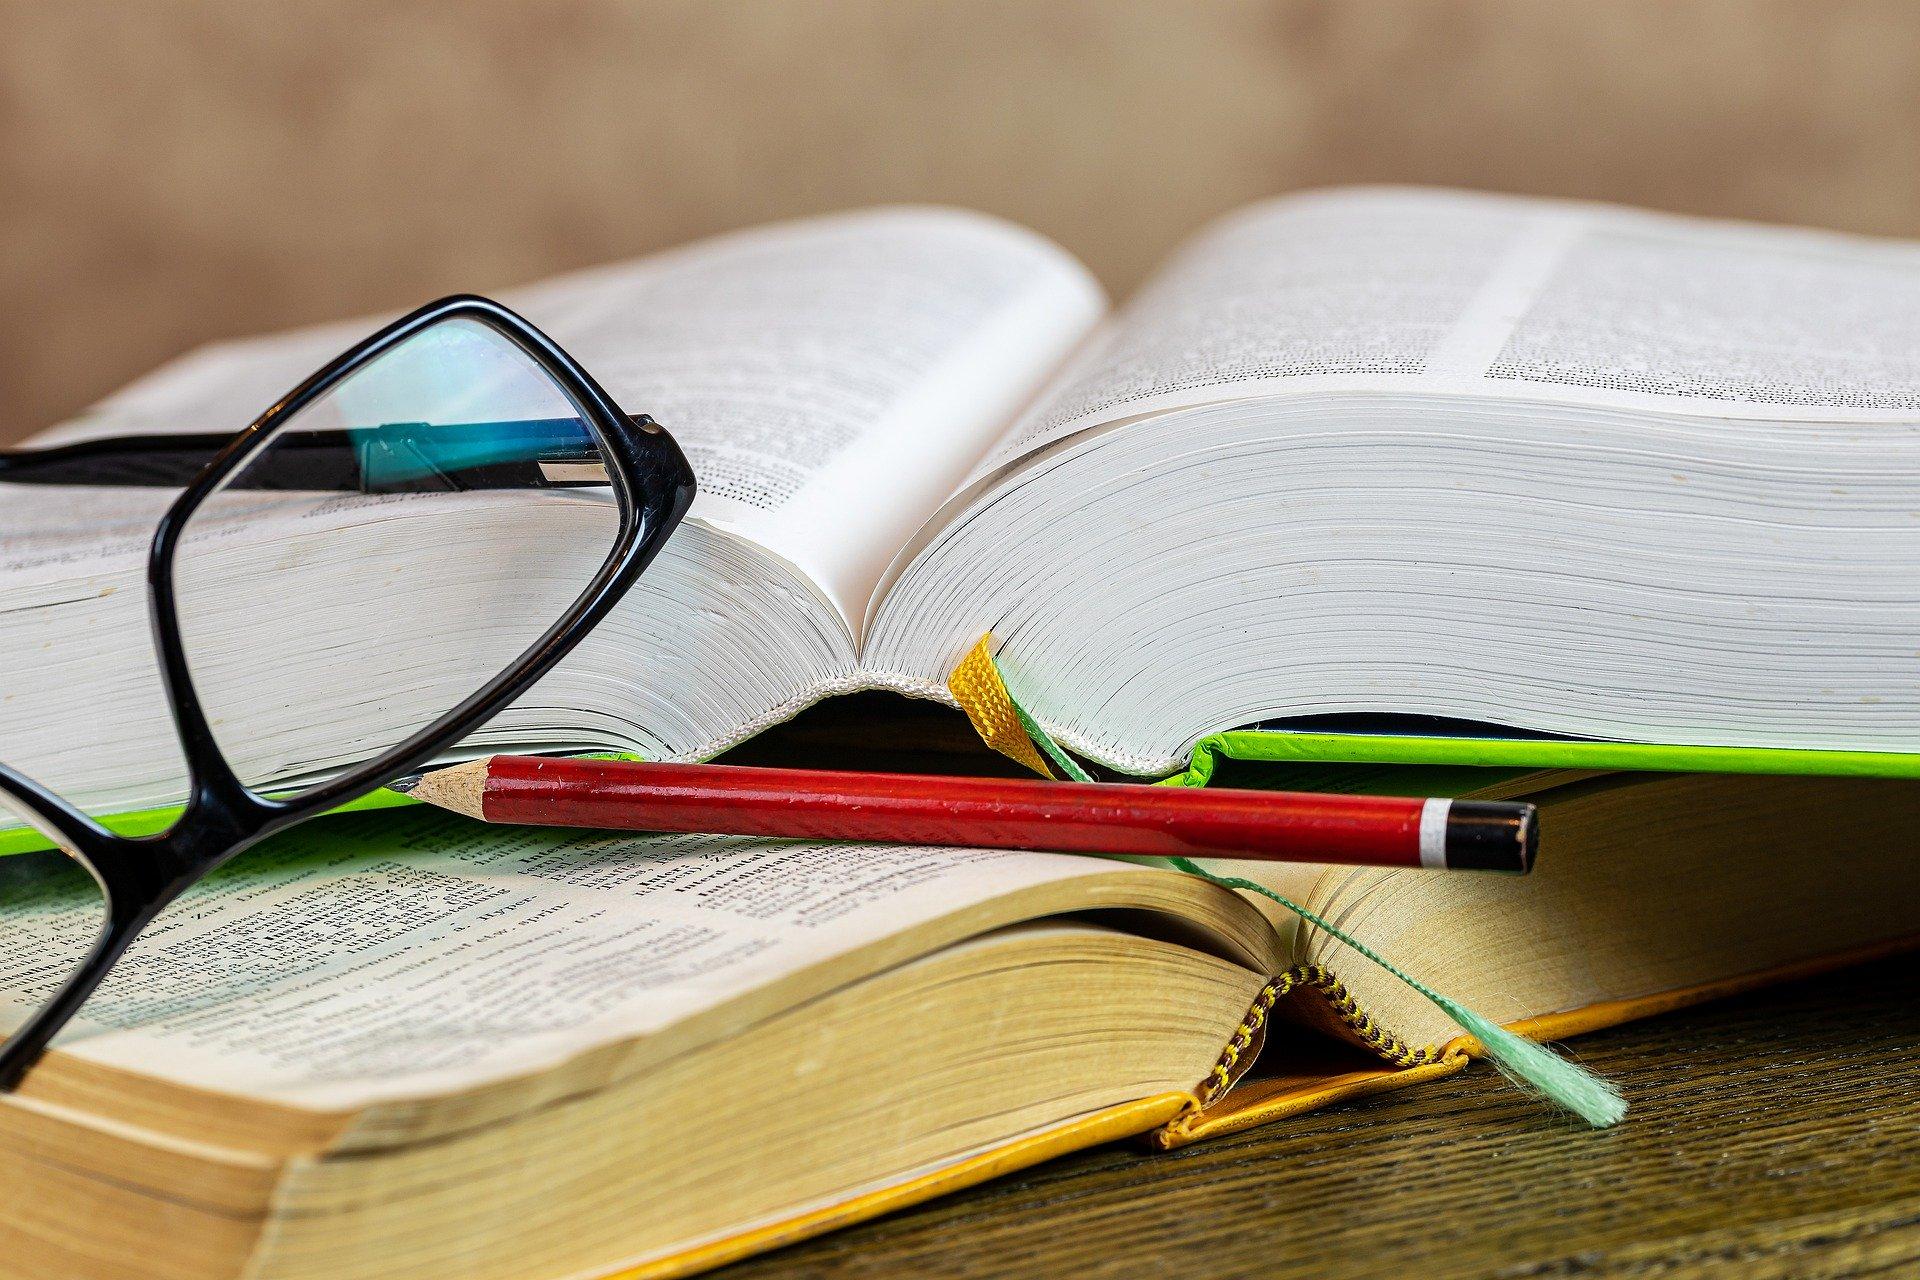 Wykaz podręczników i ćwiczeń stosowanych w roku szkolnym 2021/2022